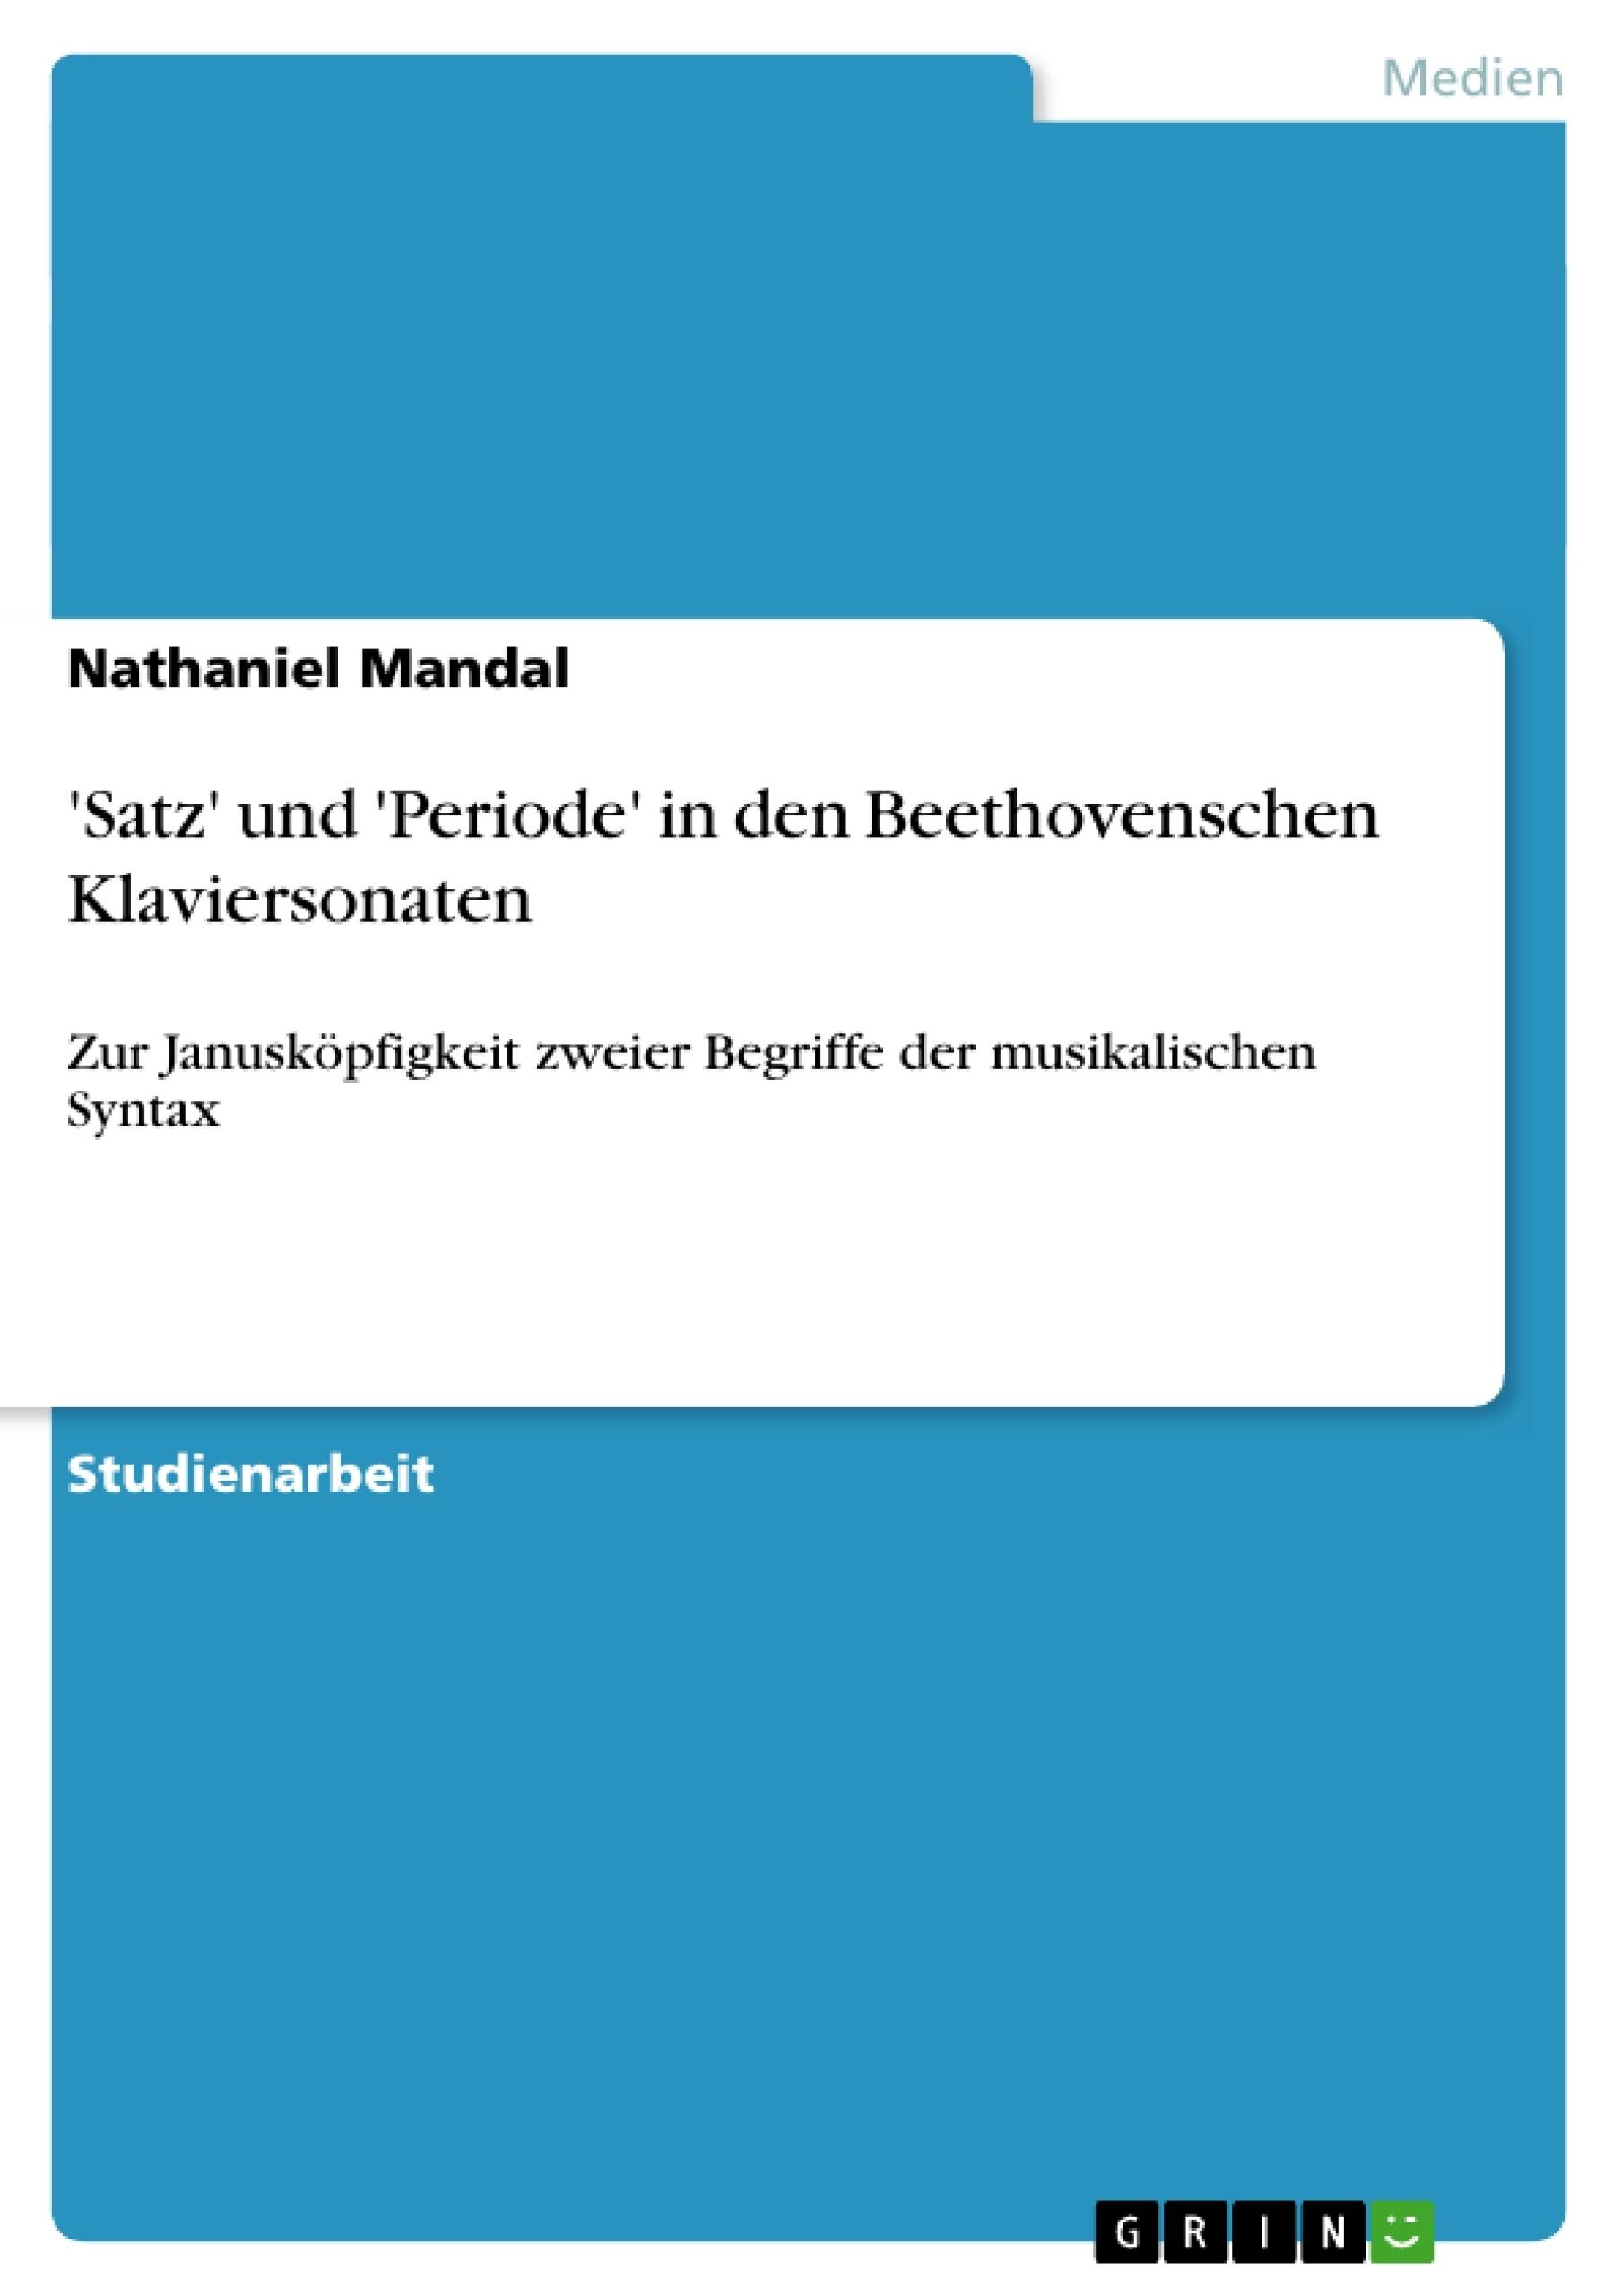 Titel: 'Satz' und 'Periode' in den Beethovenschen Klaviersonaten